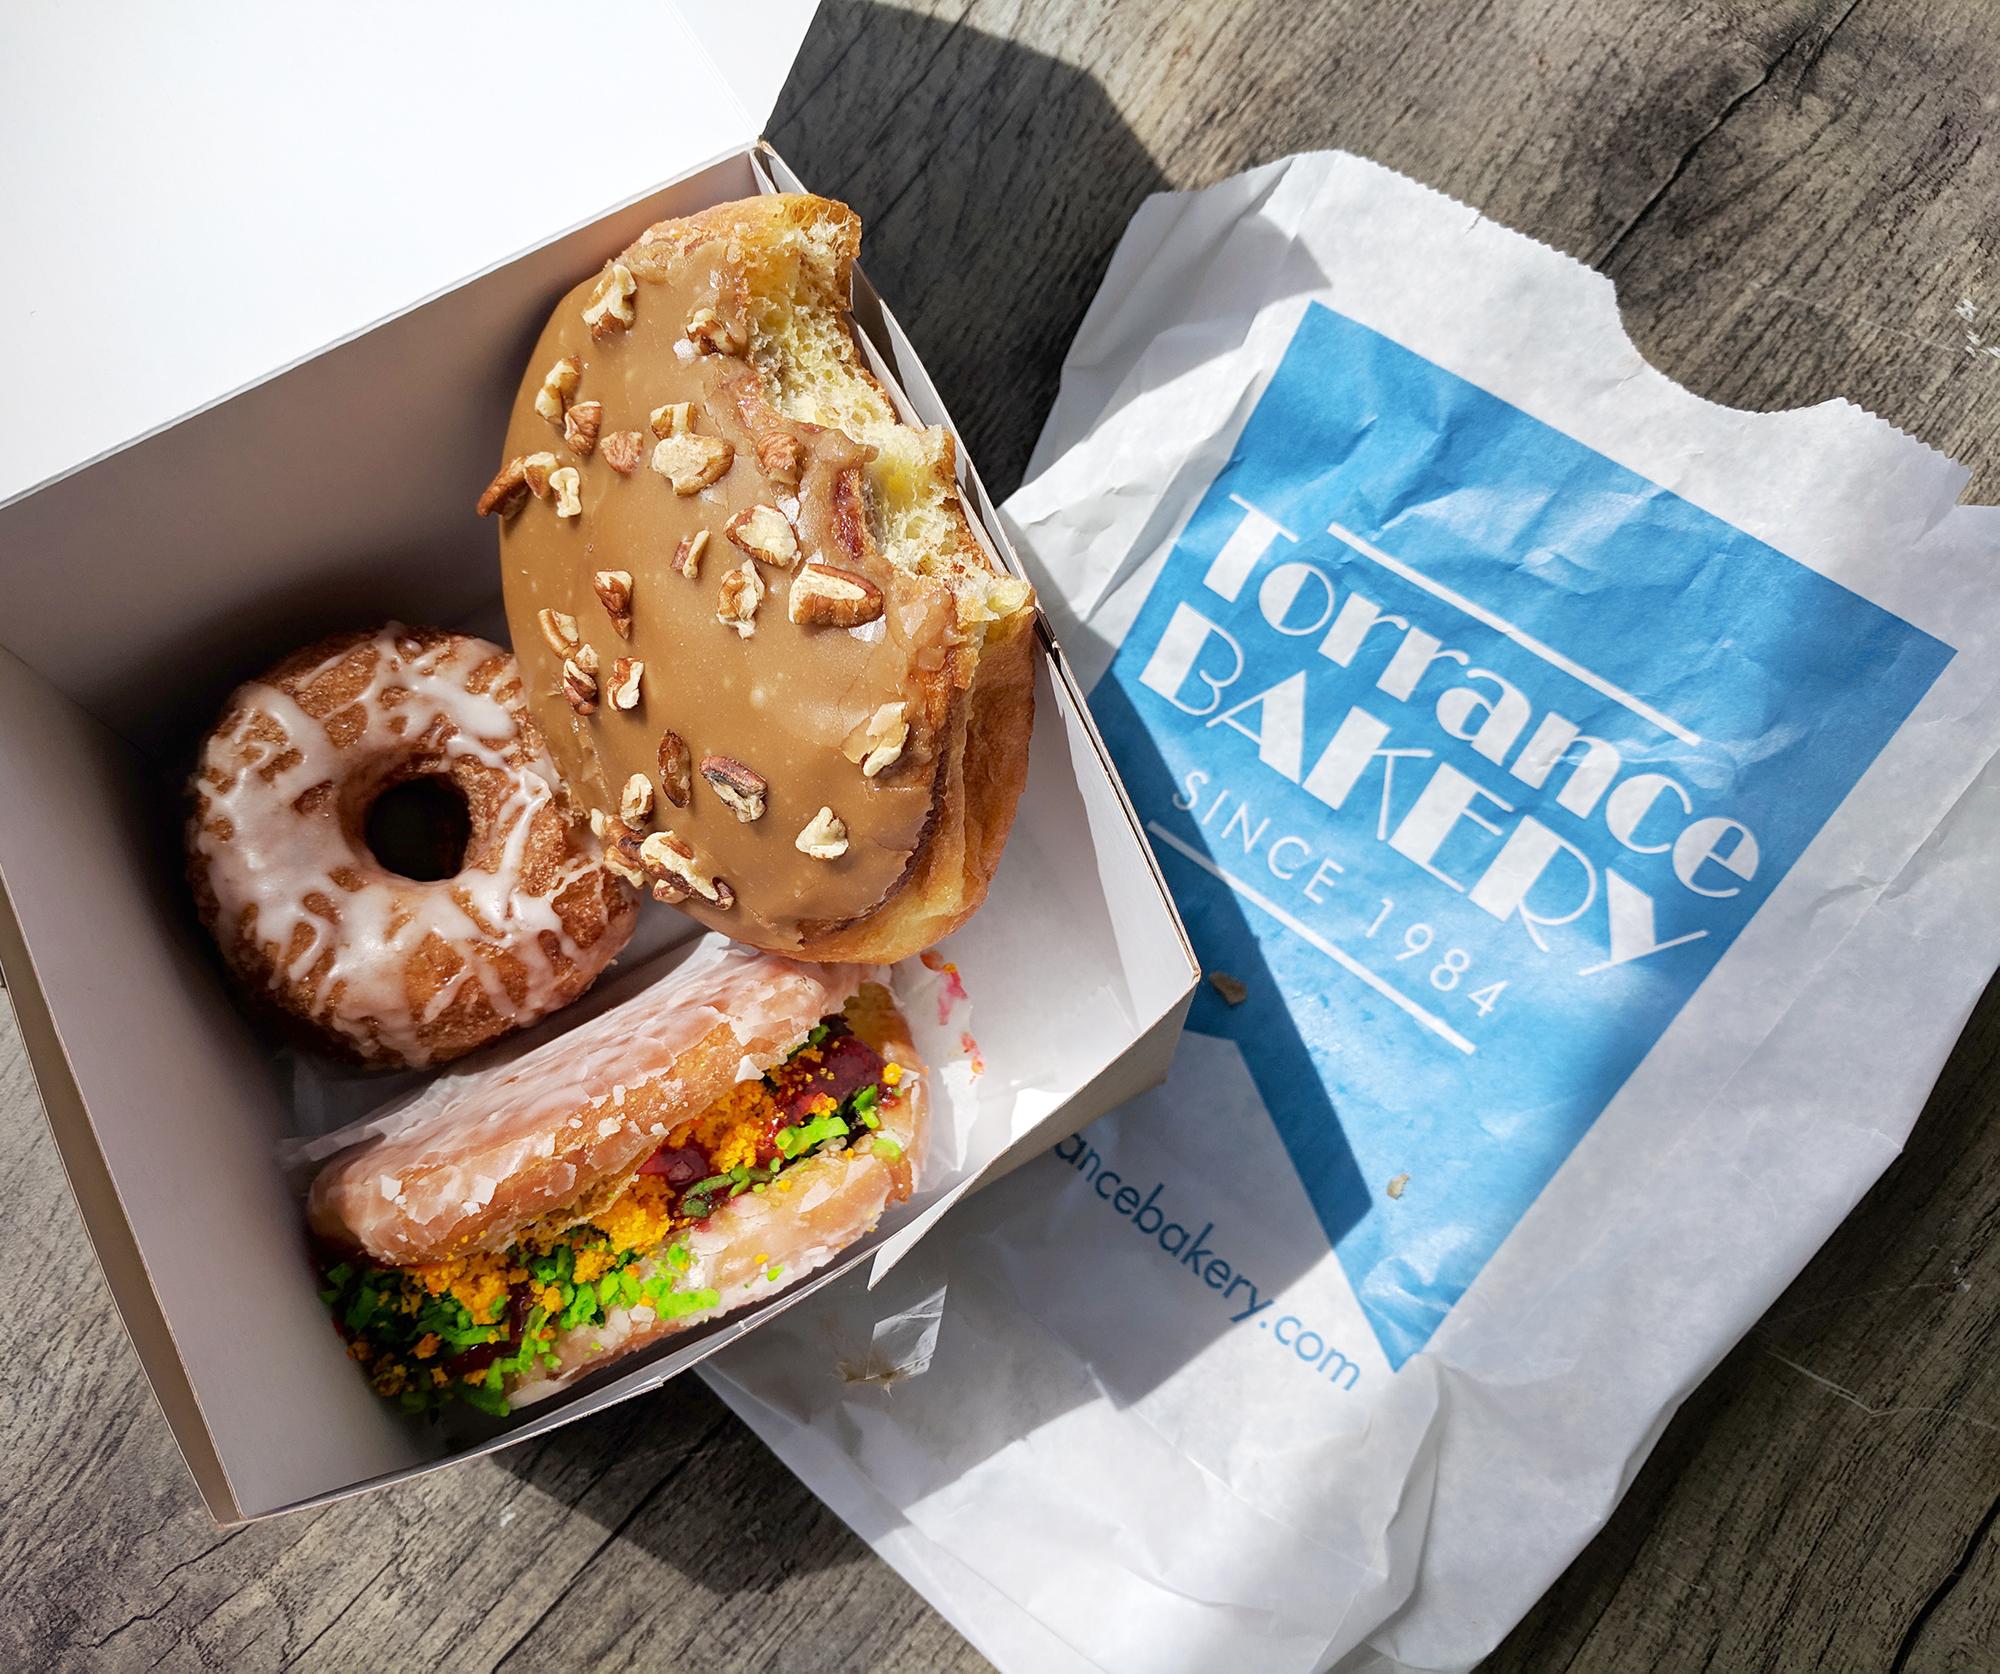 Torrance Bakery donuts